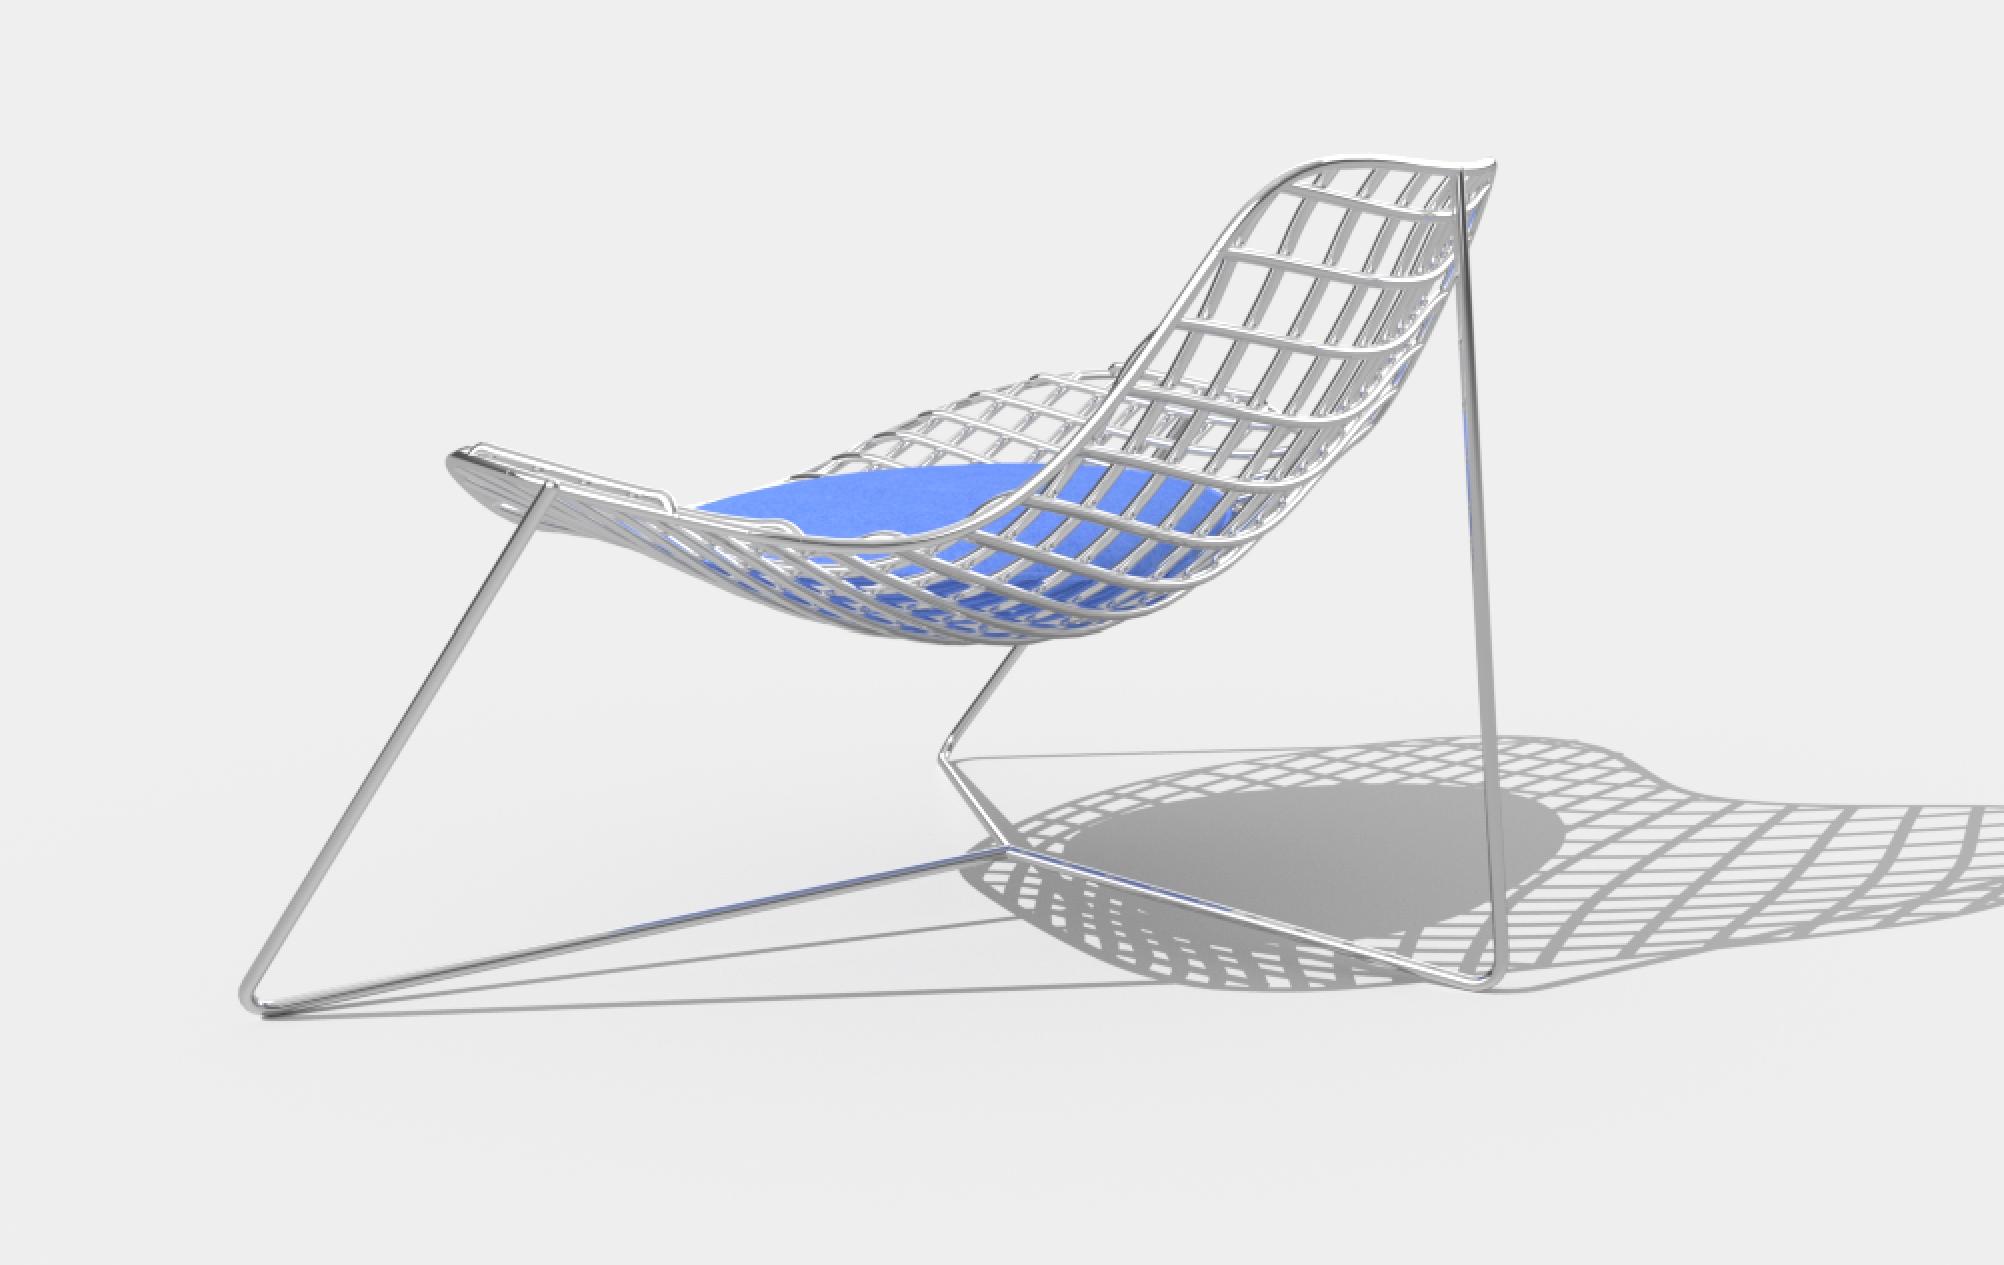 lina bertoia chair2.jpg